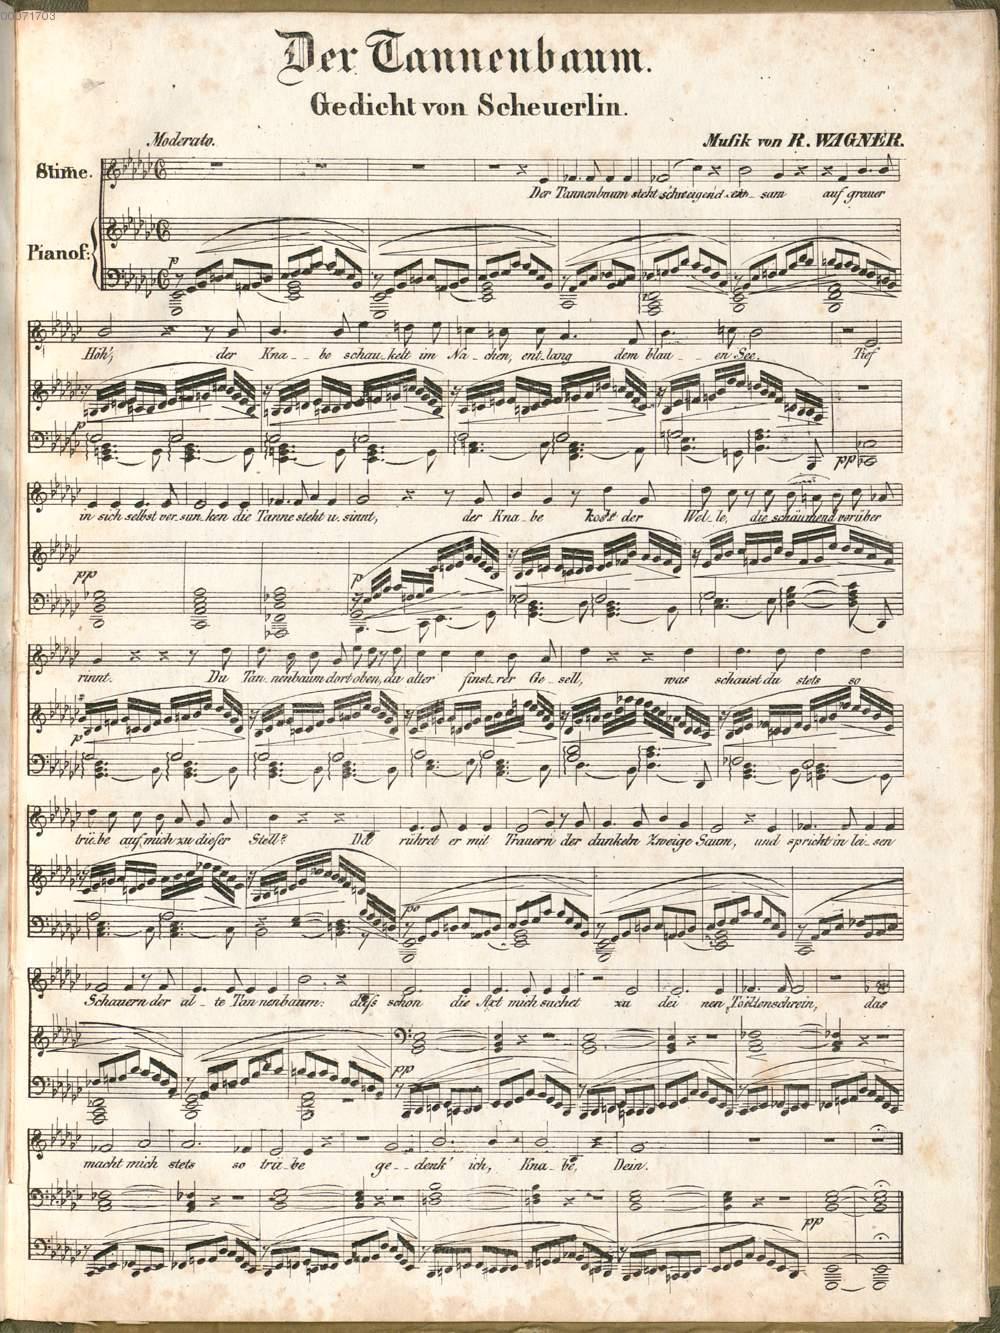 Tannenbaum Gedicht.Wagner Richard Der Tannenbaum Gedicht Von Scheuerlin Karlsruhe